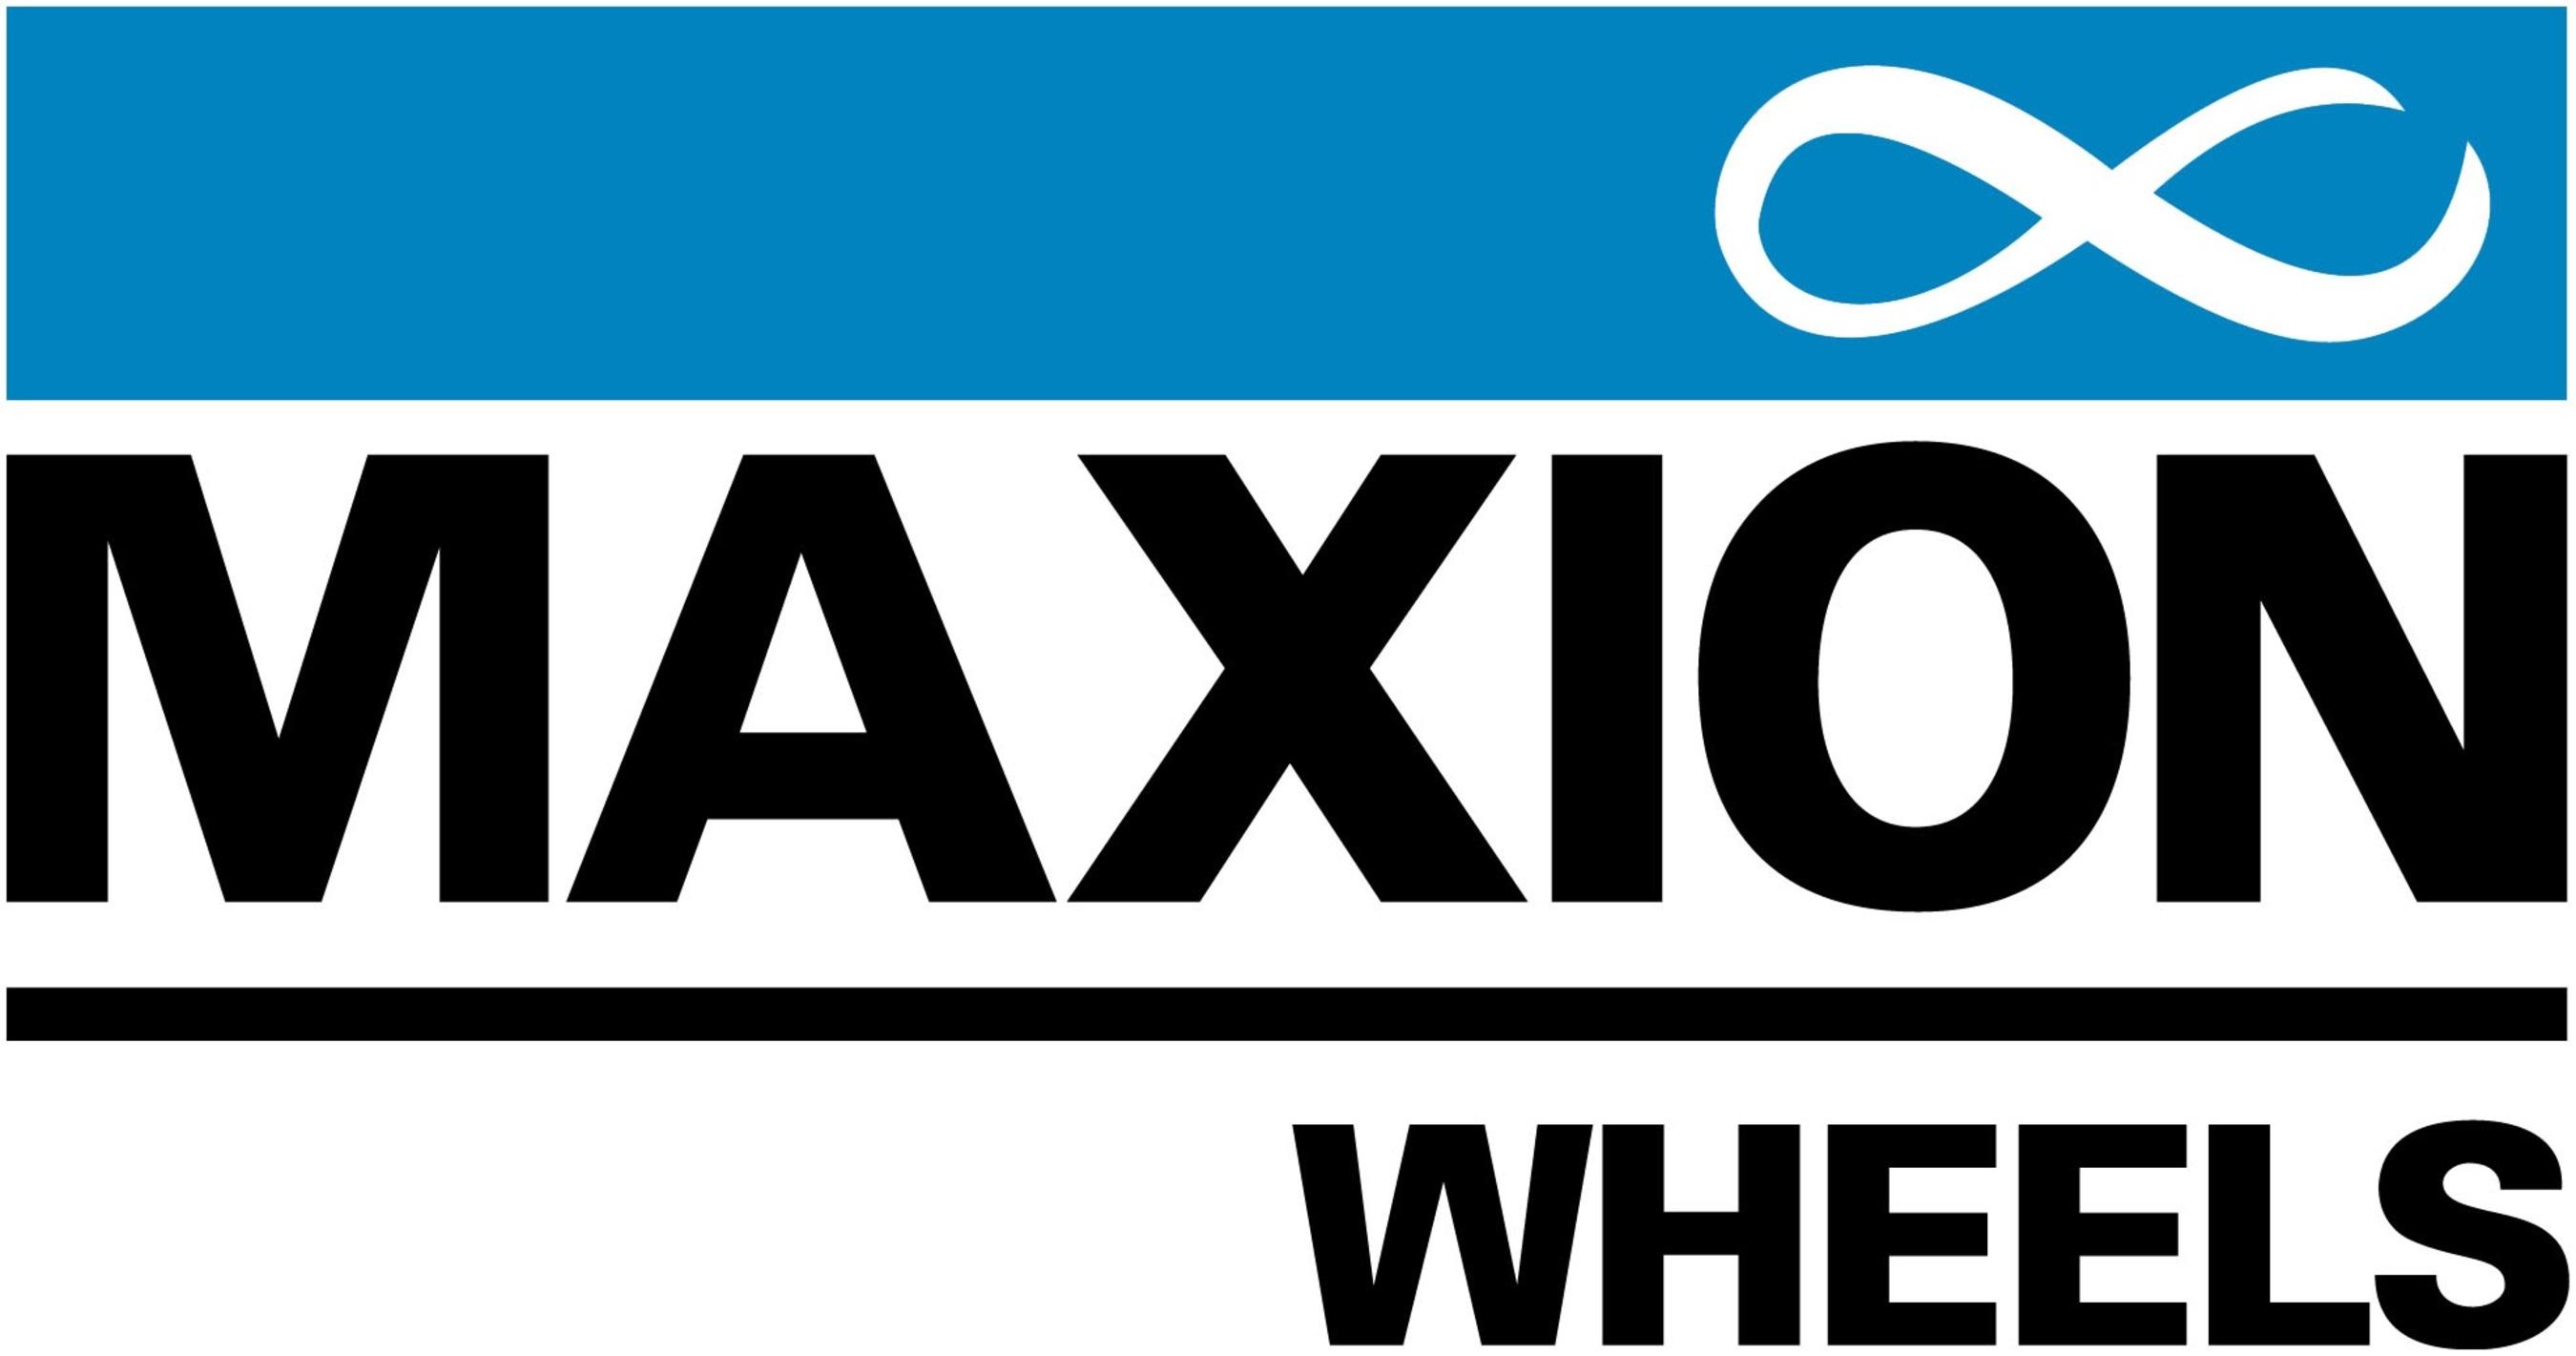 Maxion Wheels примет участие в торговой выставке COMTRANS 2015